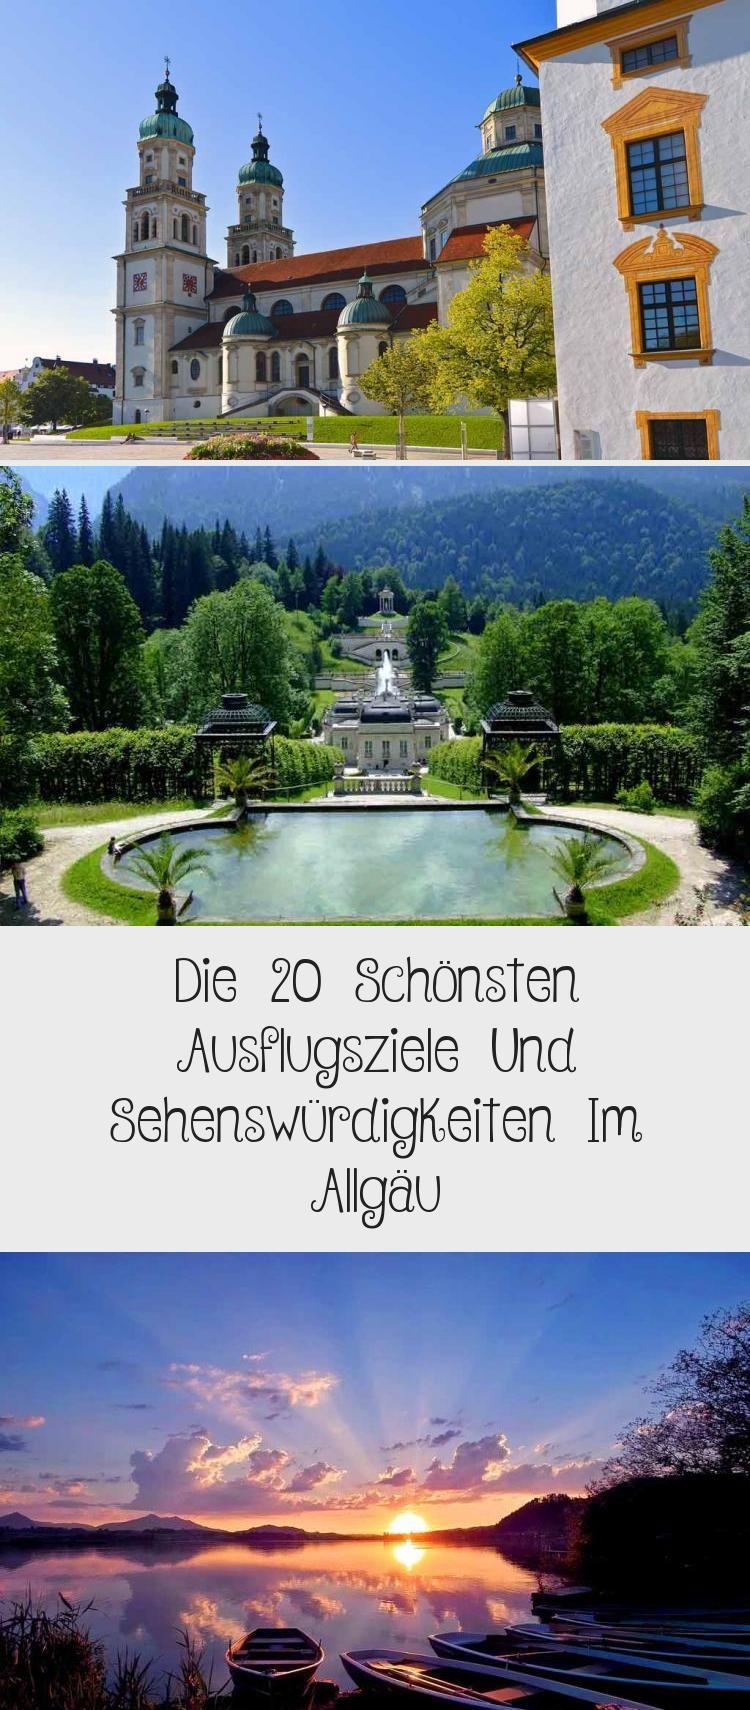 Die 20 Schonsten Ausflugsziele Und Sehenswurdigkeiten Im Allgau Ausflug Allgau Urlaub Ausflugsziele